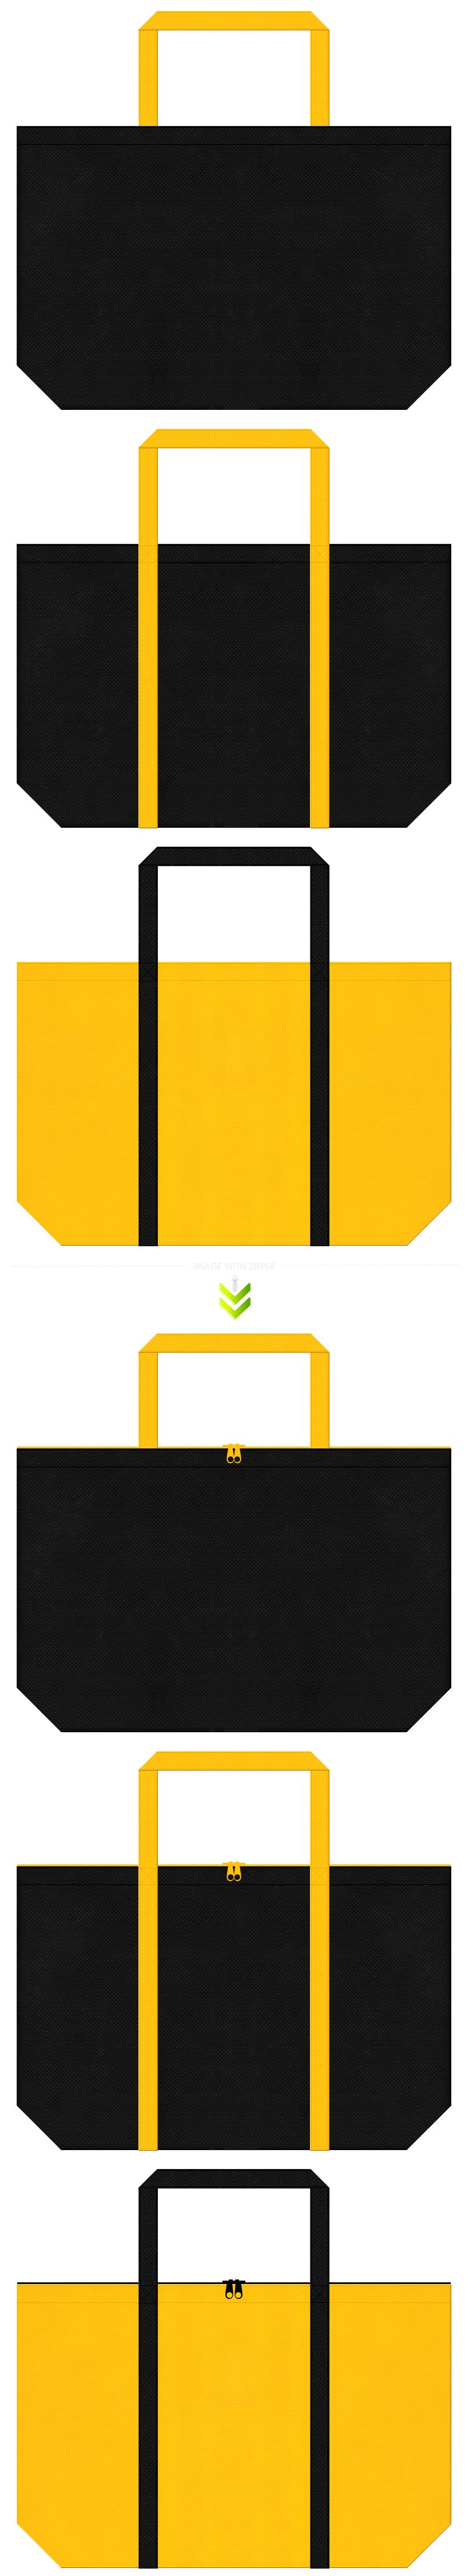 黒色と黄色の不織布エコバッグのデザイン。スポーティーファッション・キャンプ用品・安全用品のショッピングバッグにお奨めです。